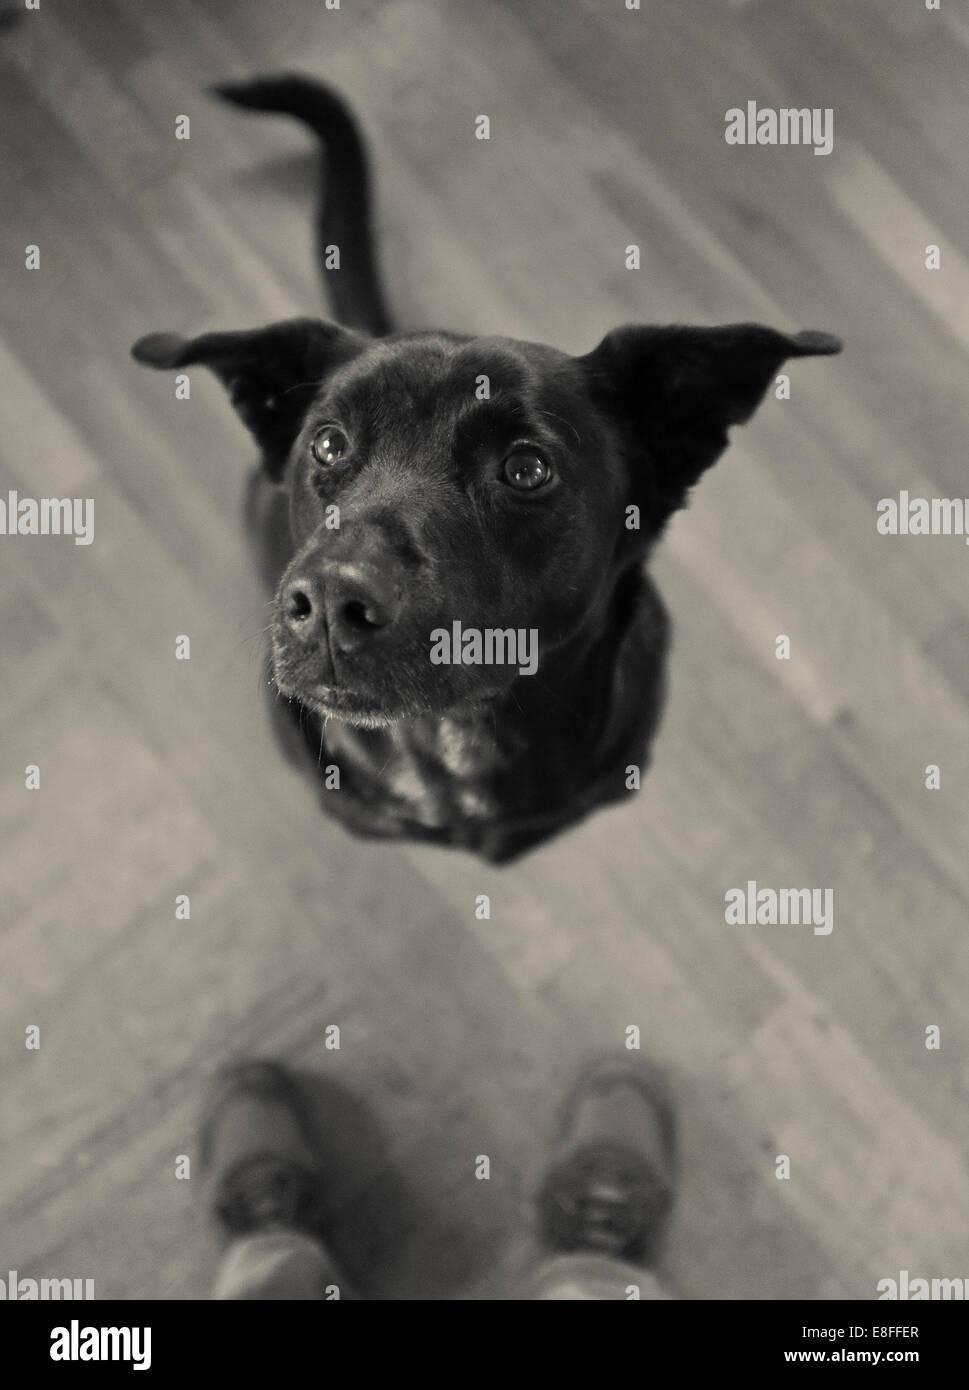 Dog waiting - Stock Image